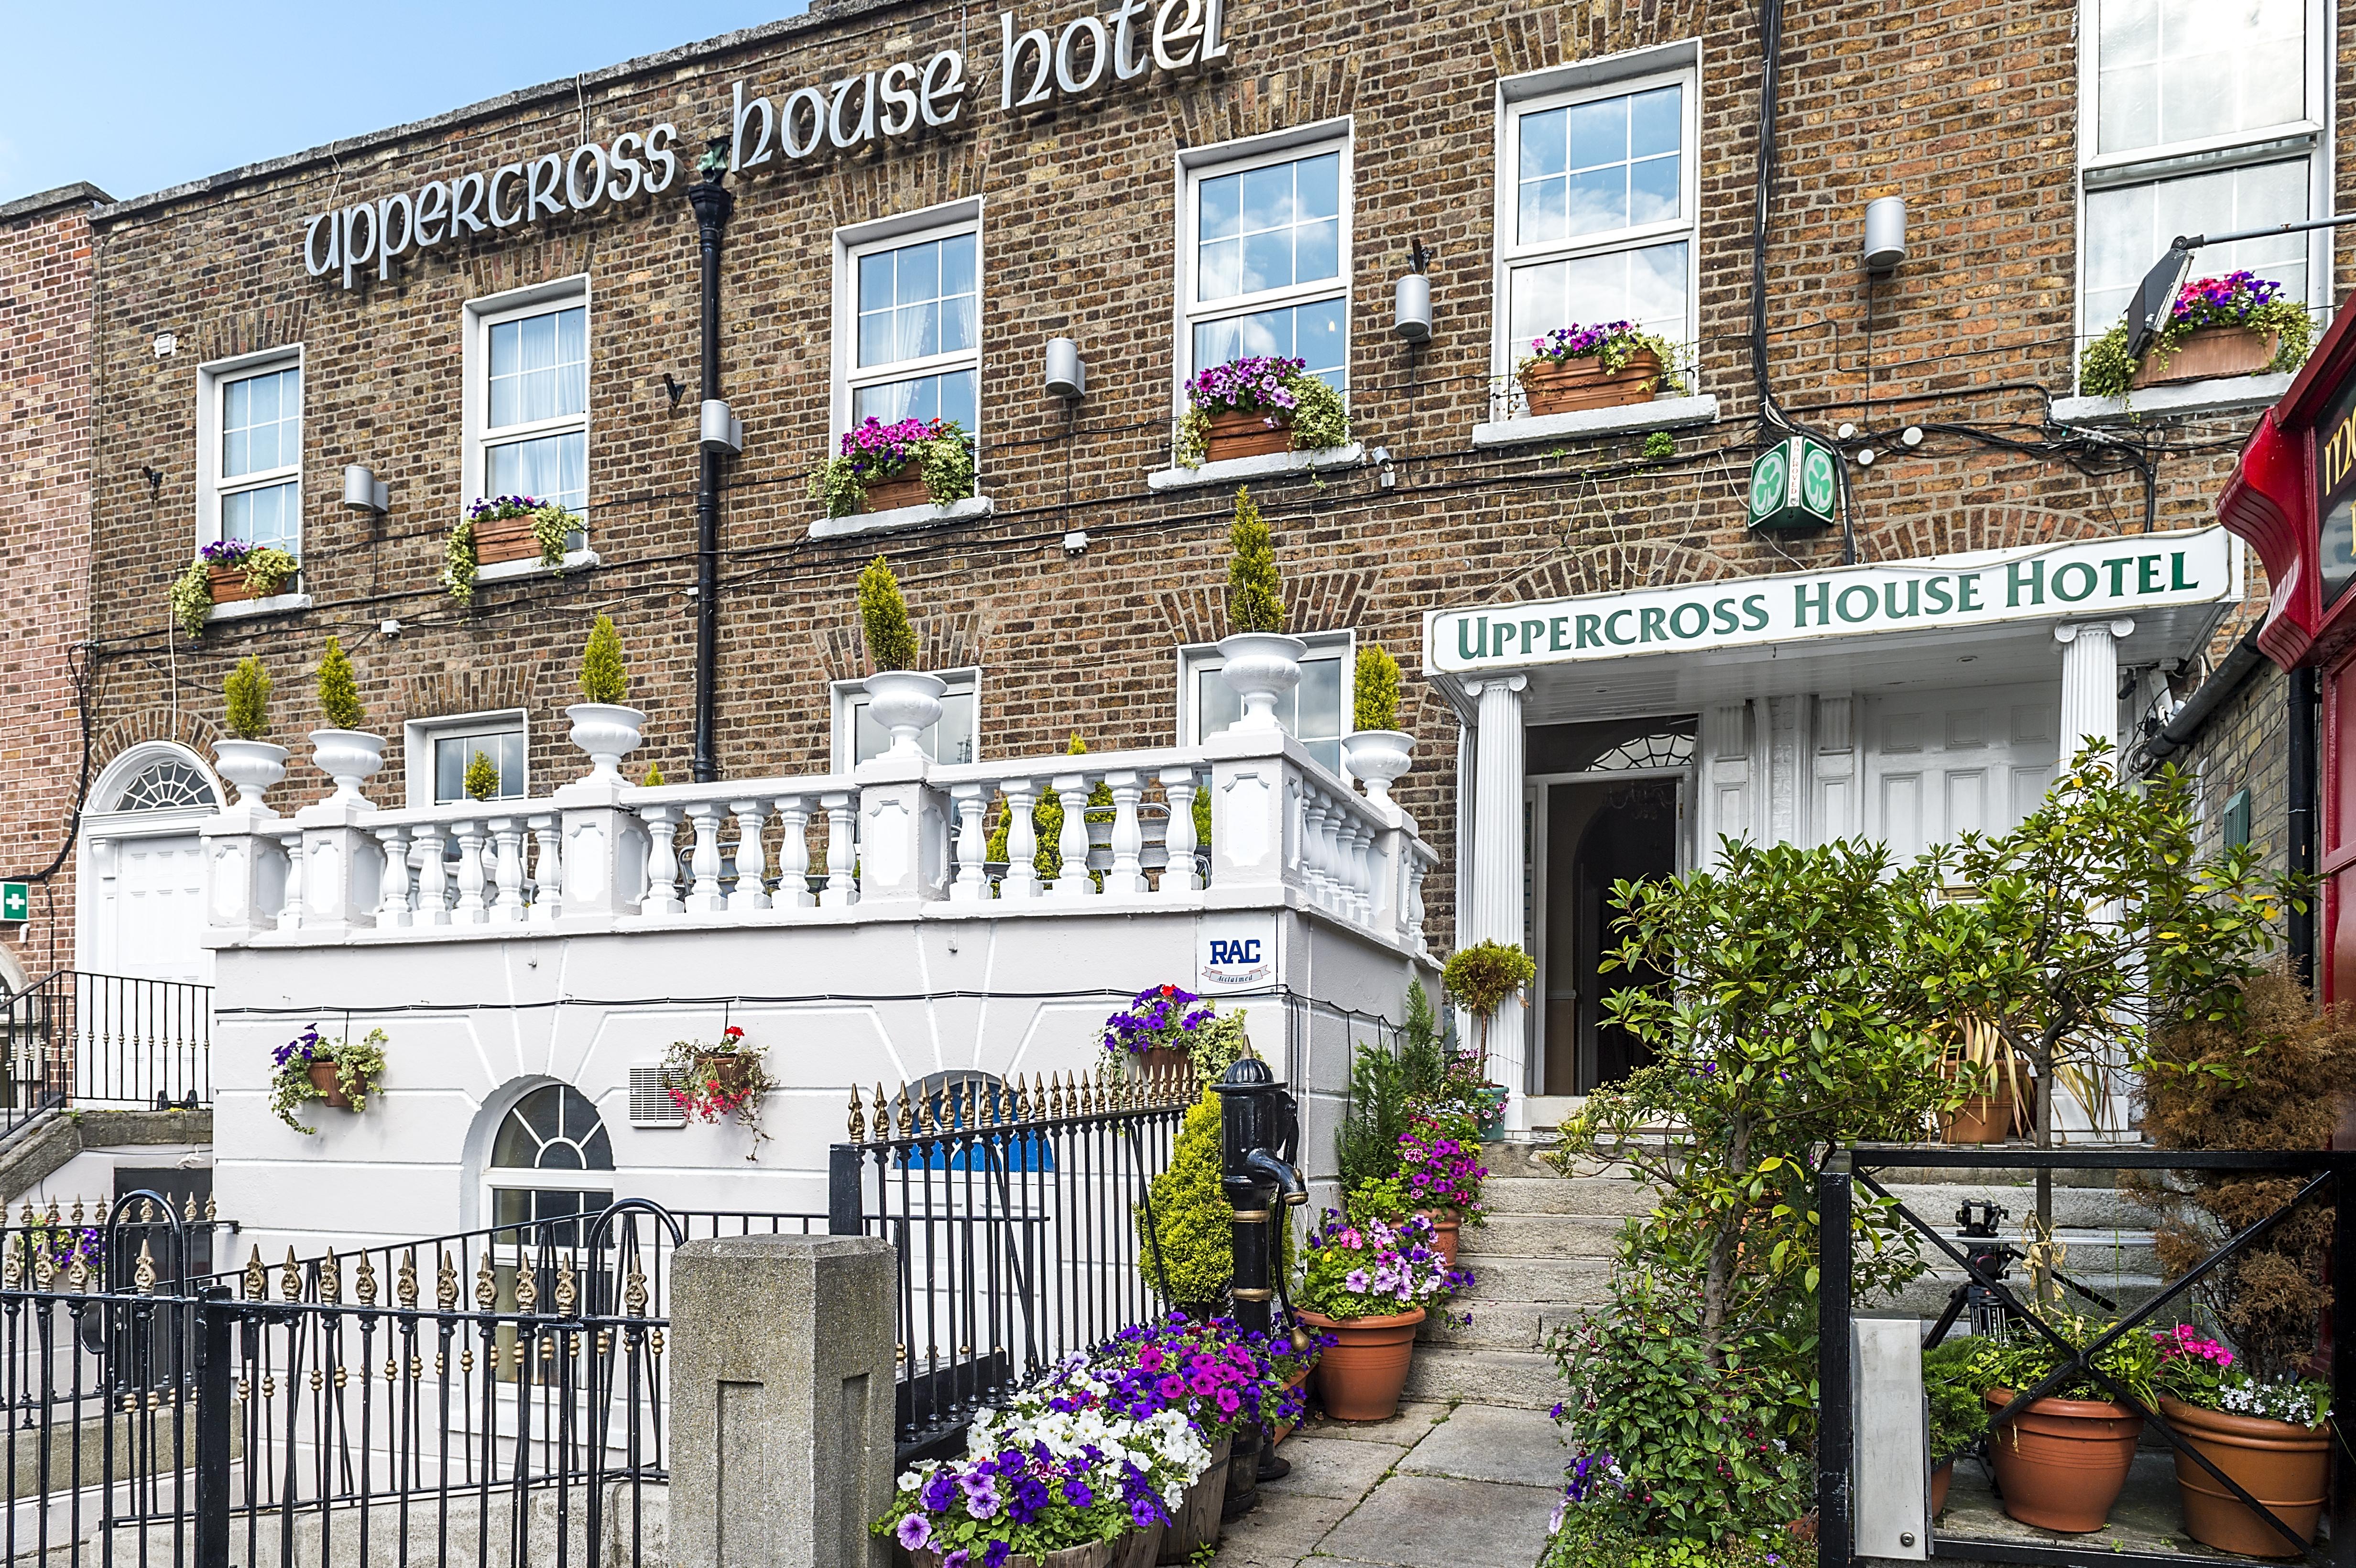 Uppercross House Hotel